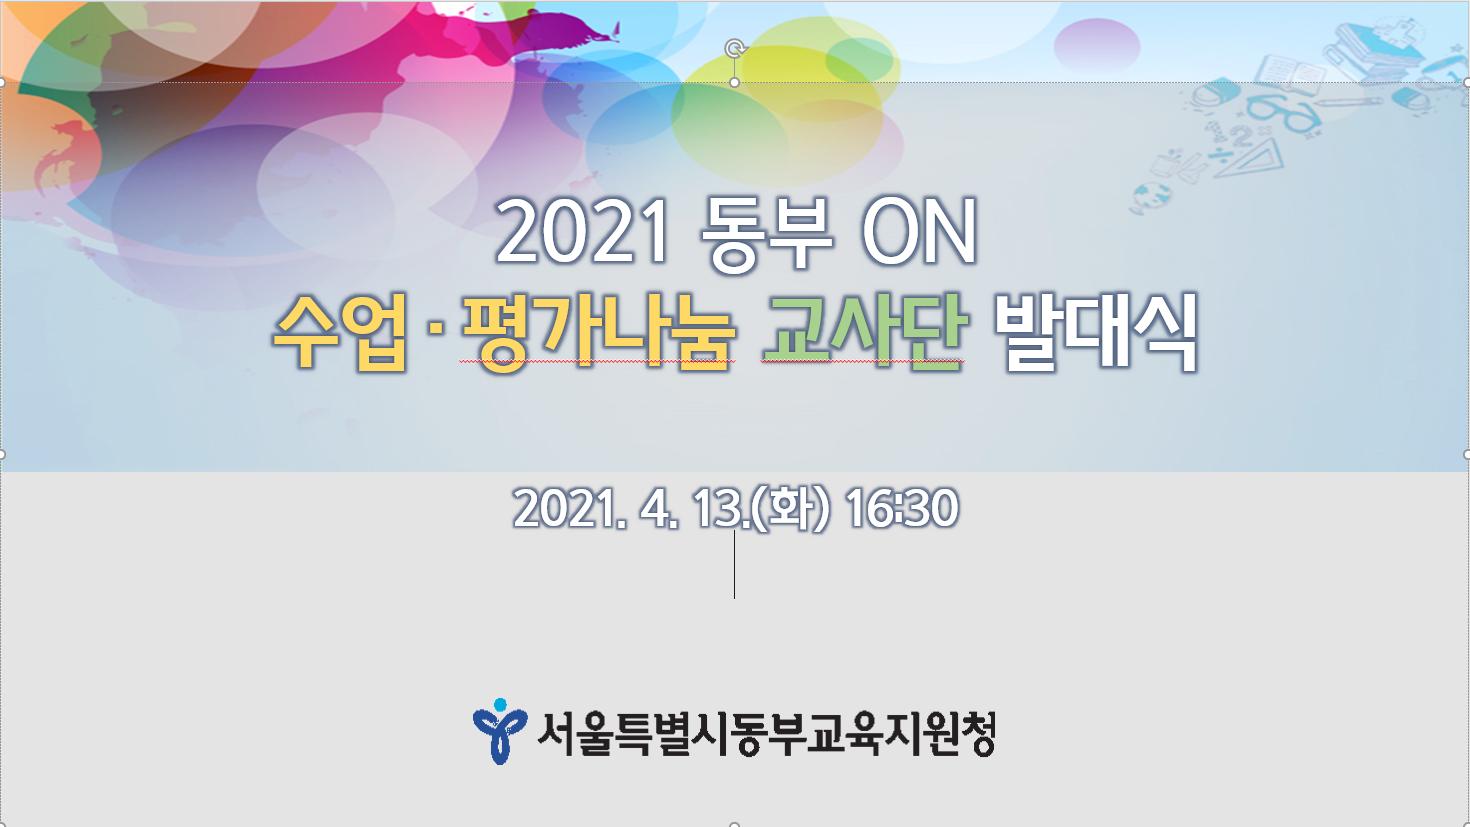 2021 동부 ON 수업평가나눔 교사단 발대식 개최